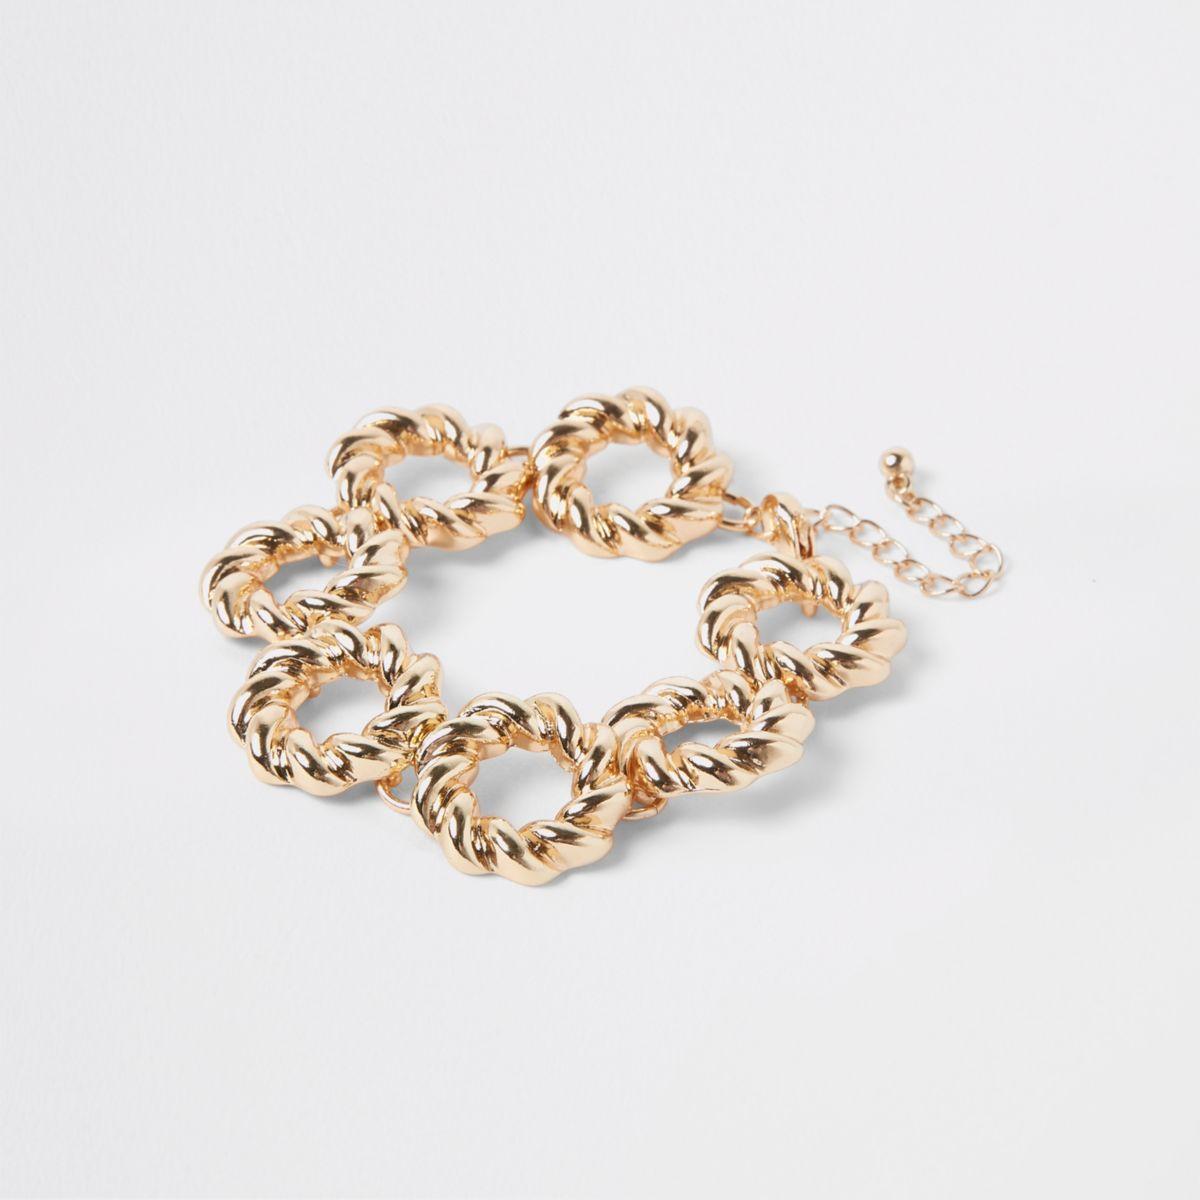 Gold color twisted ring bracelet